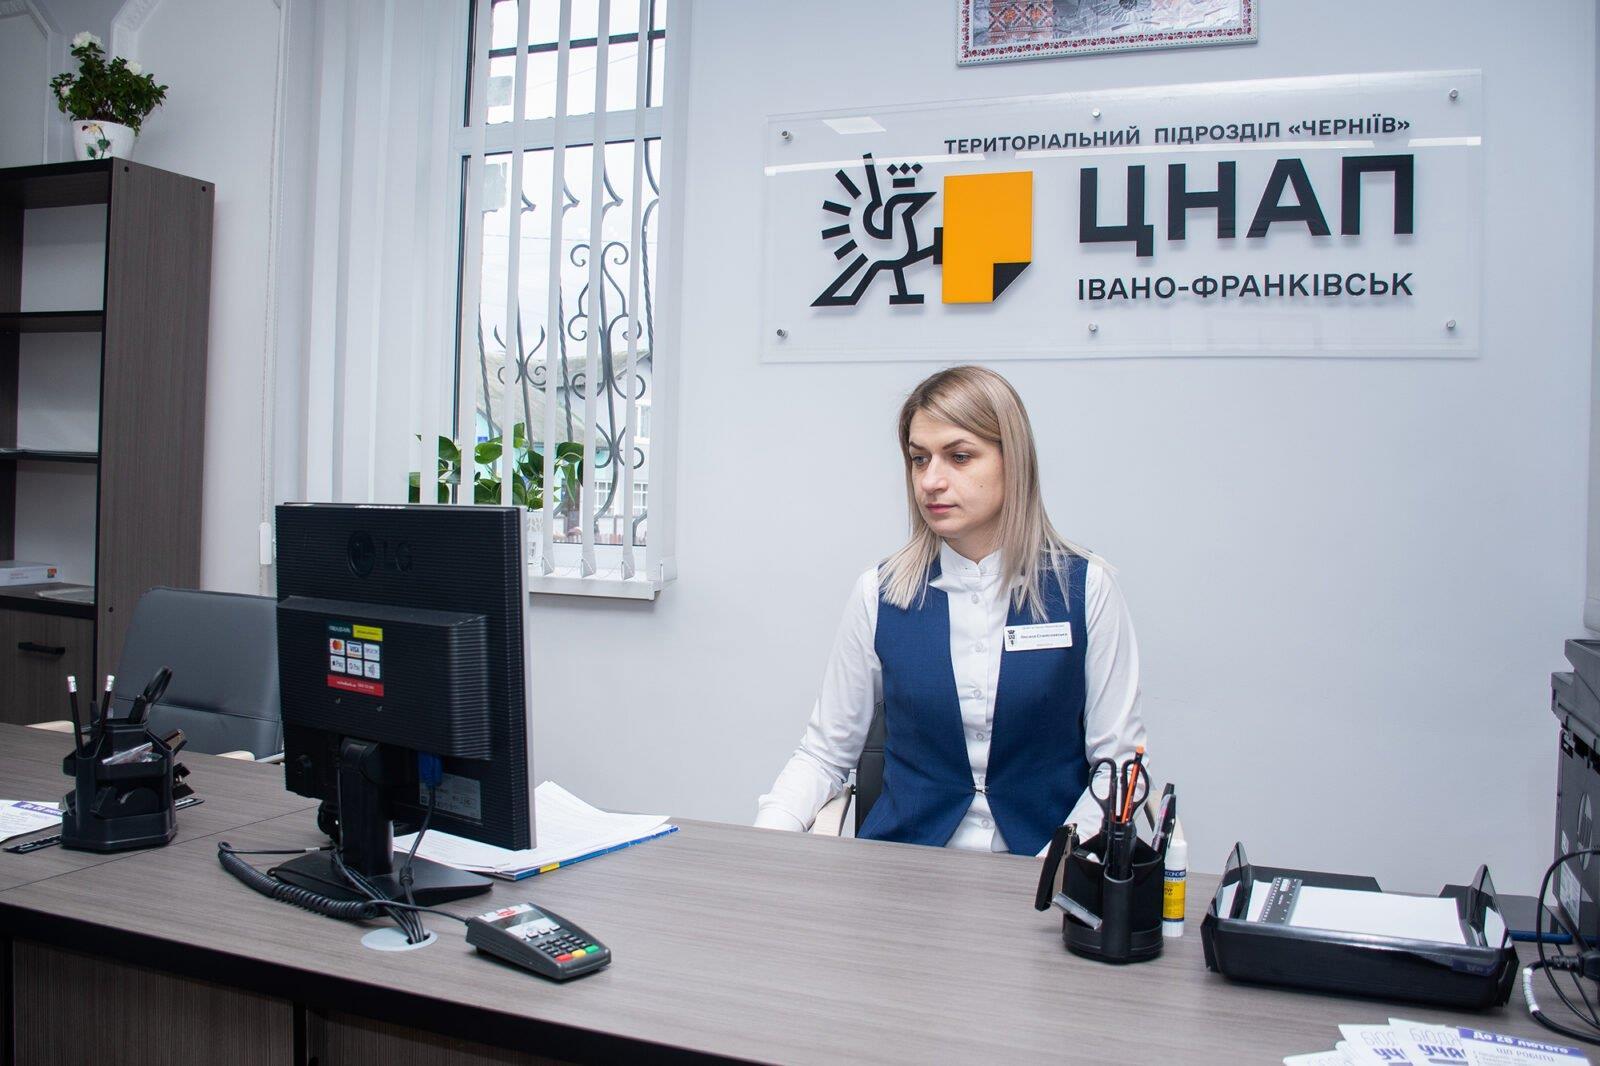 У Франківську ЦНАП відновить роботу з 21 квітня | Курс